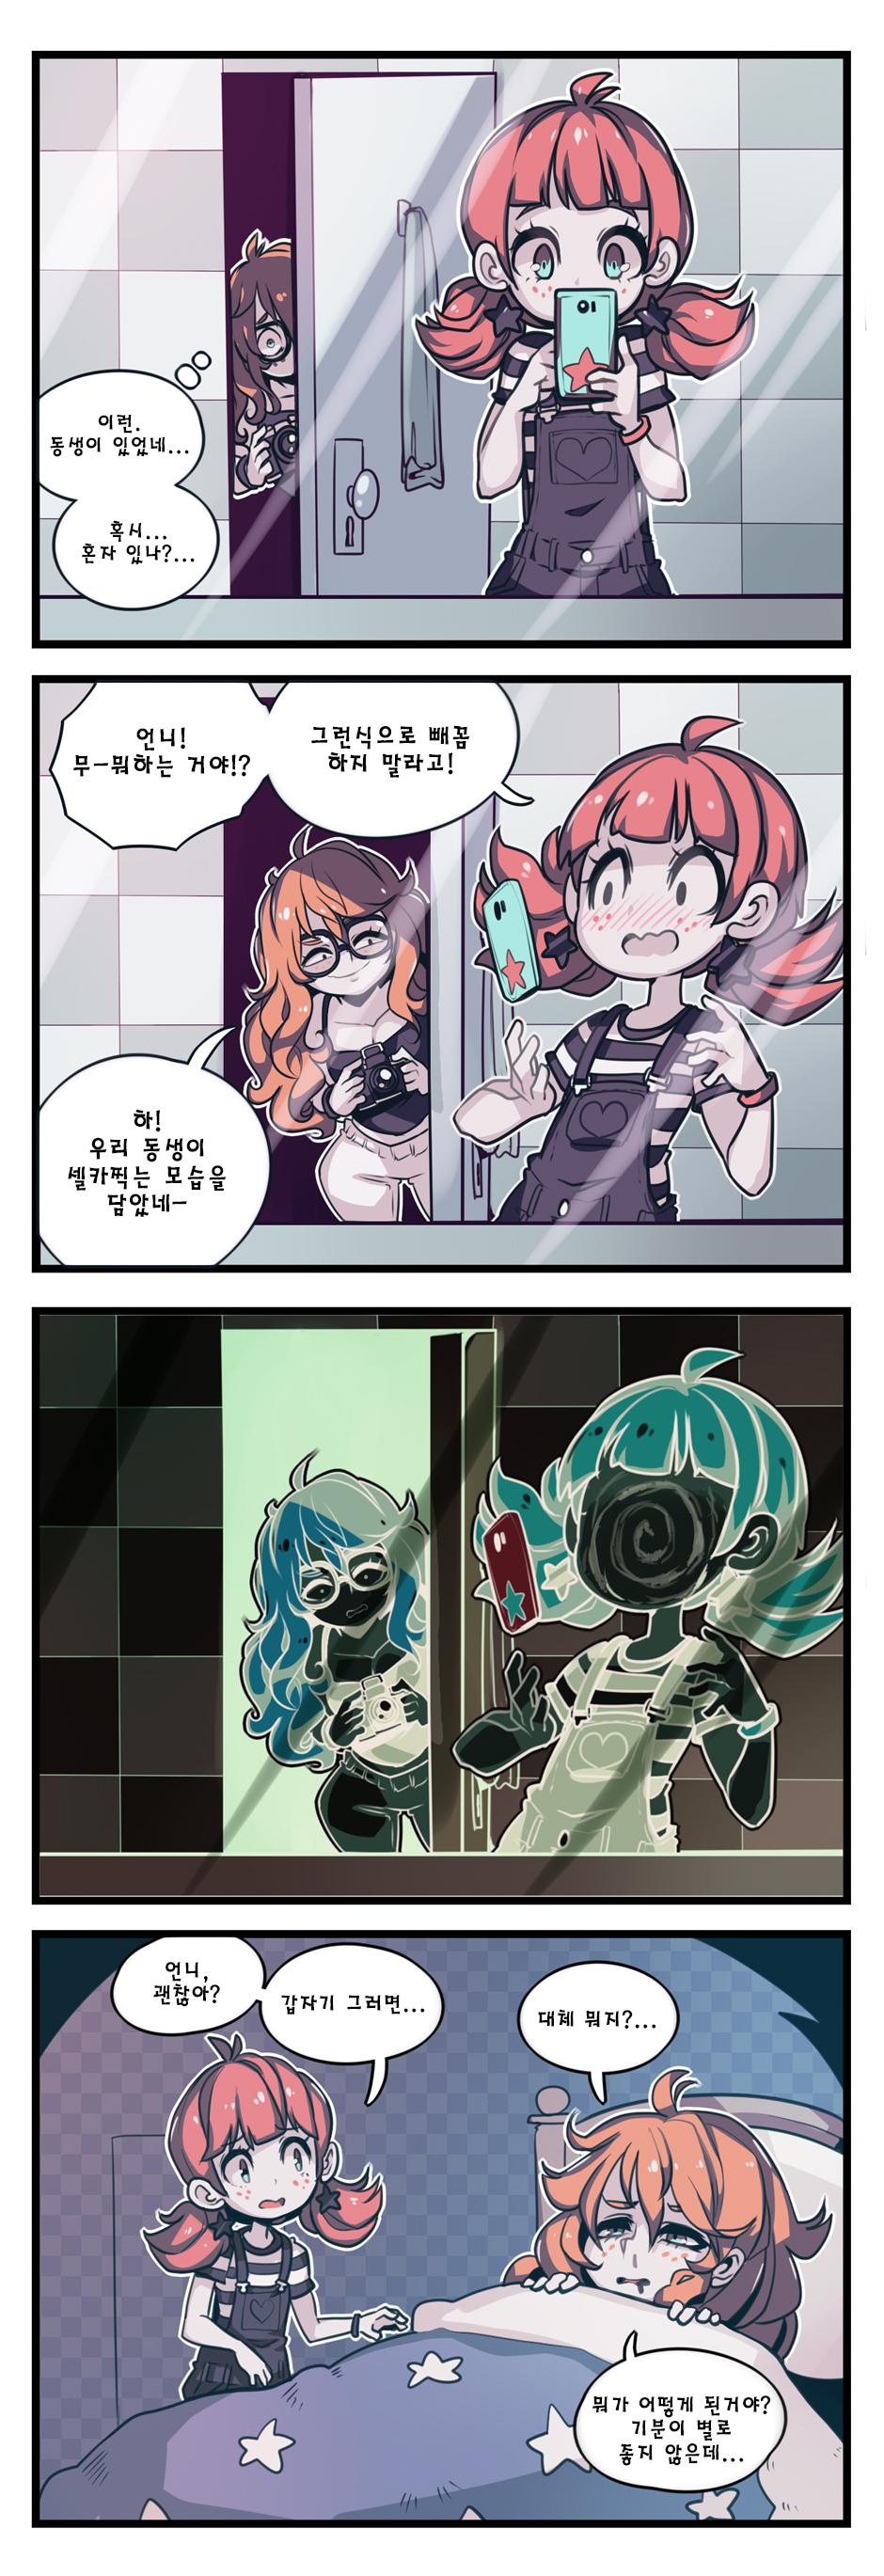 Negative Frames - 17 (Korean Translated) by JamesKaret